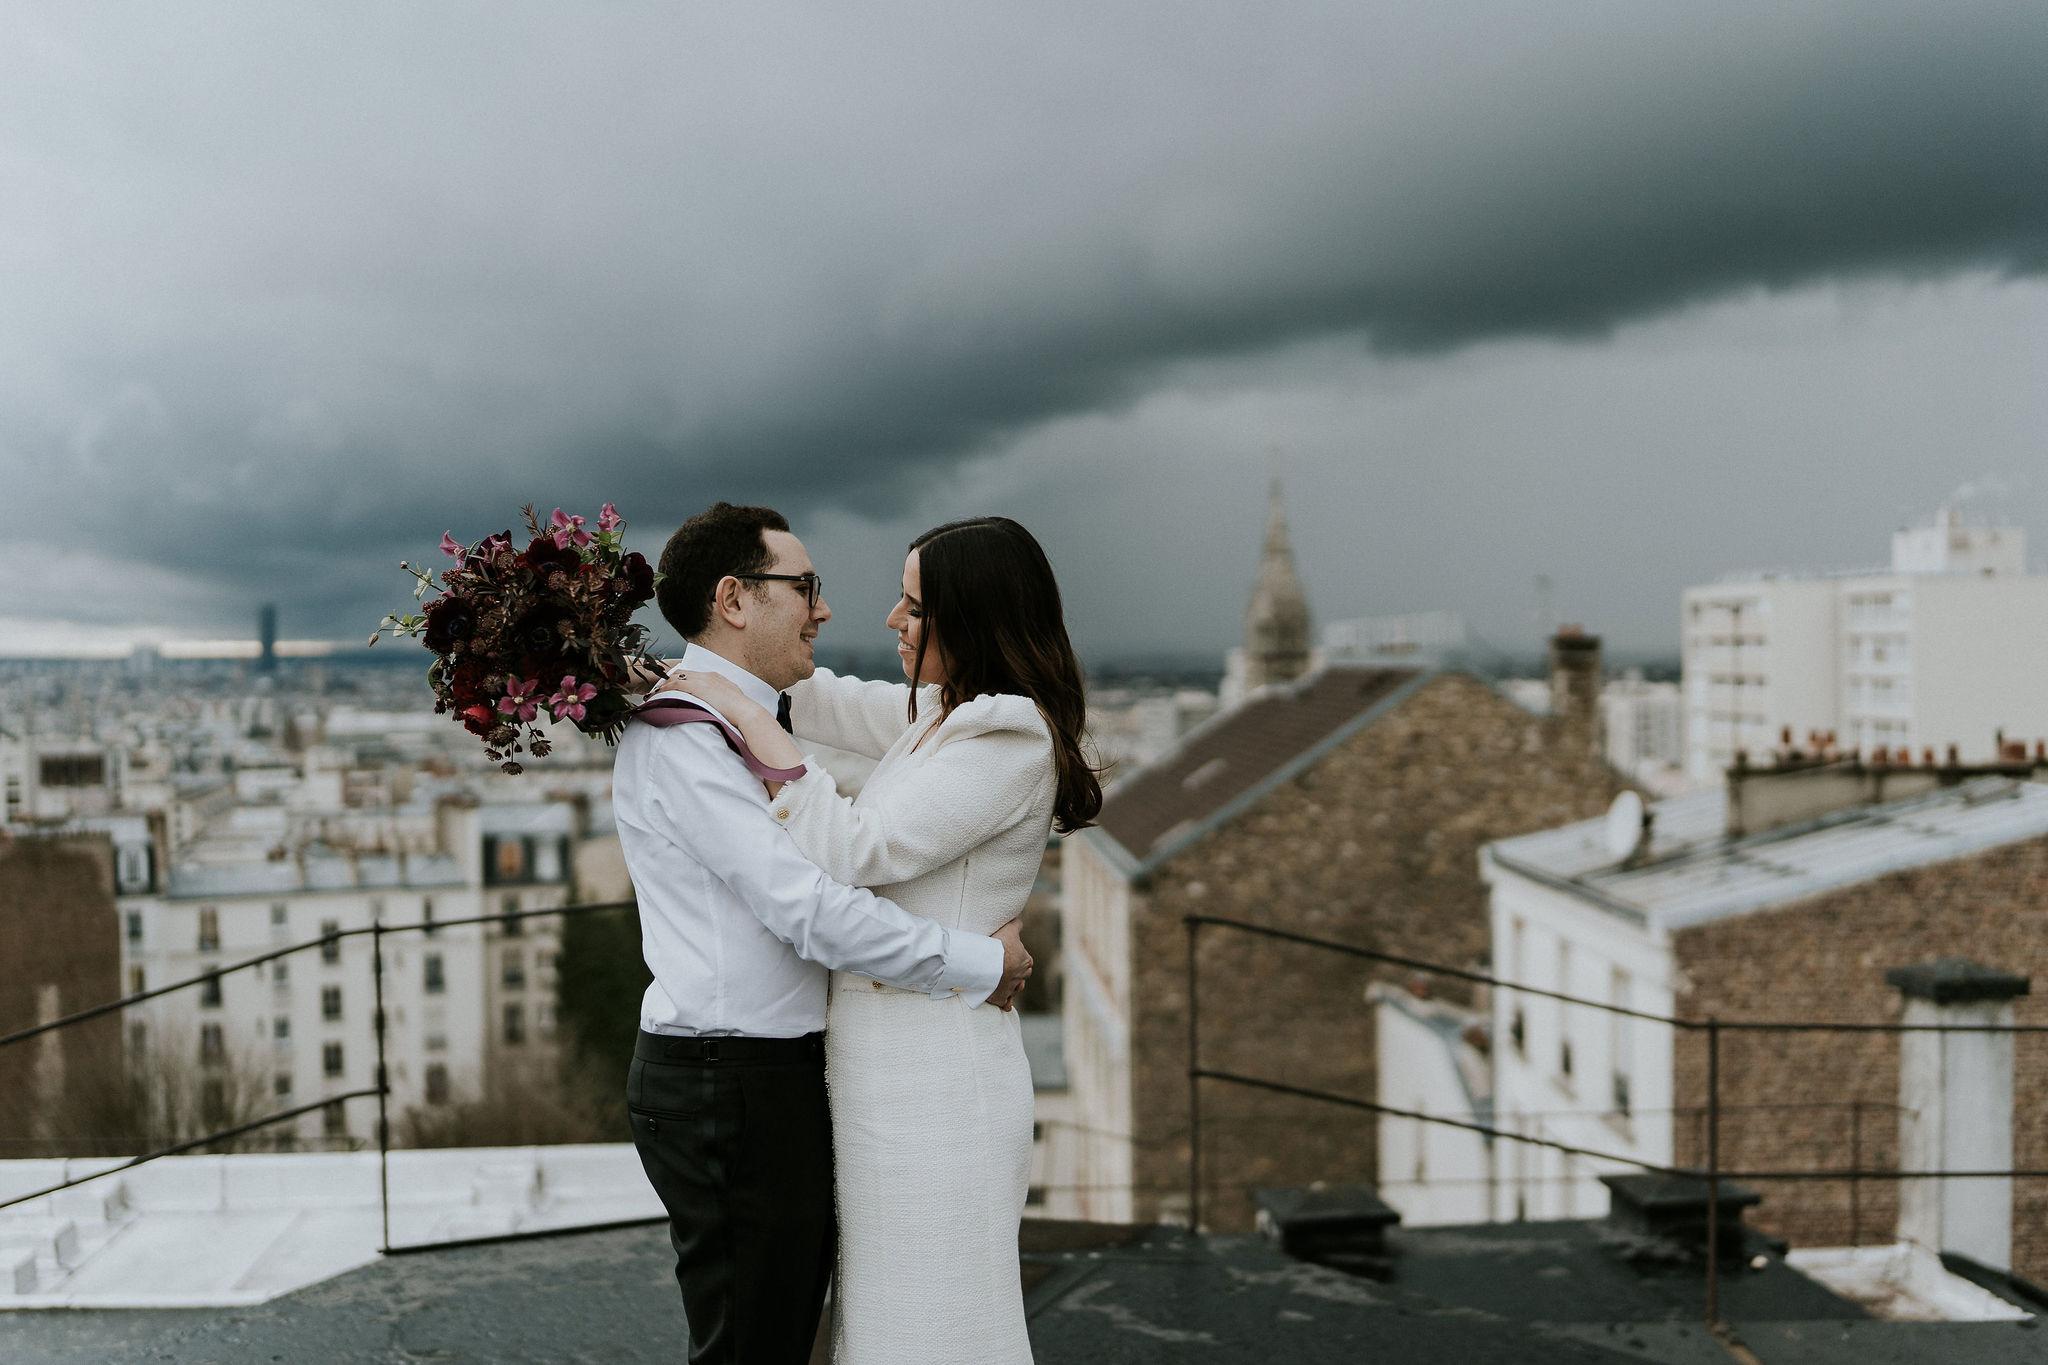 Fleuriste mariage, design floral, mariage à paris, décoratrice paris, mariage sur les toits de paris, red velvet, rouge velours, mariage , bouquet de mariée